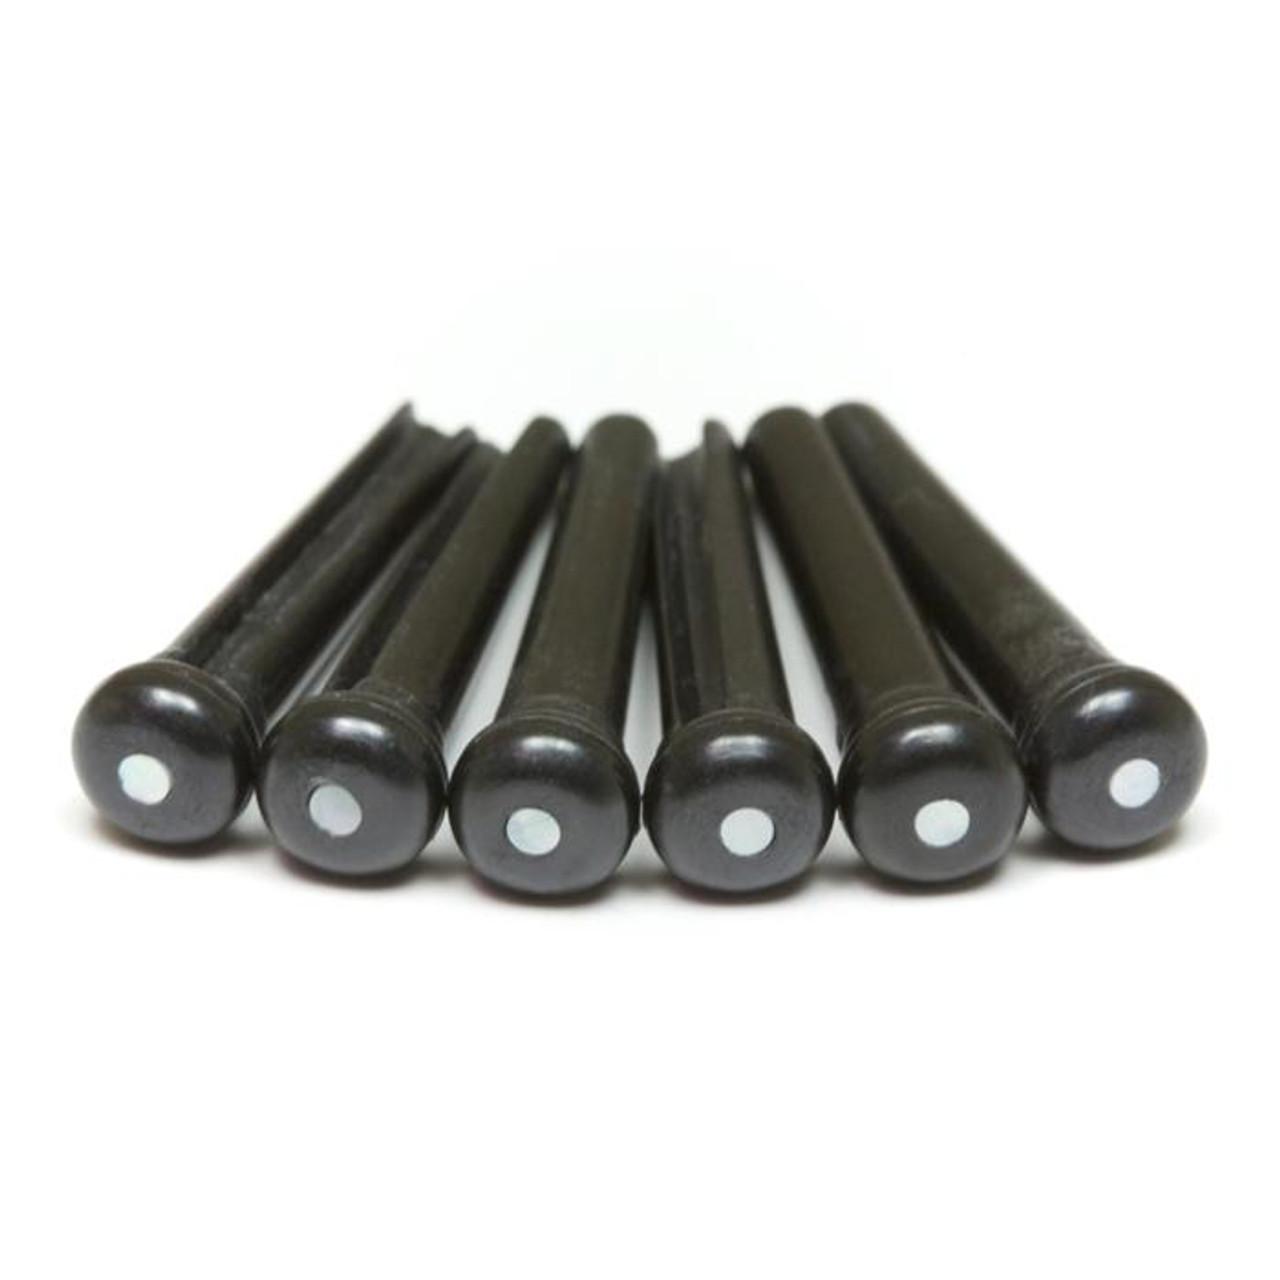 TUSQ Bridge Pins - Black /w Pearl Dots